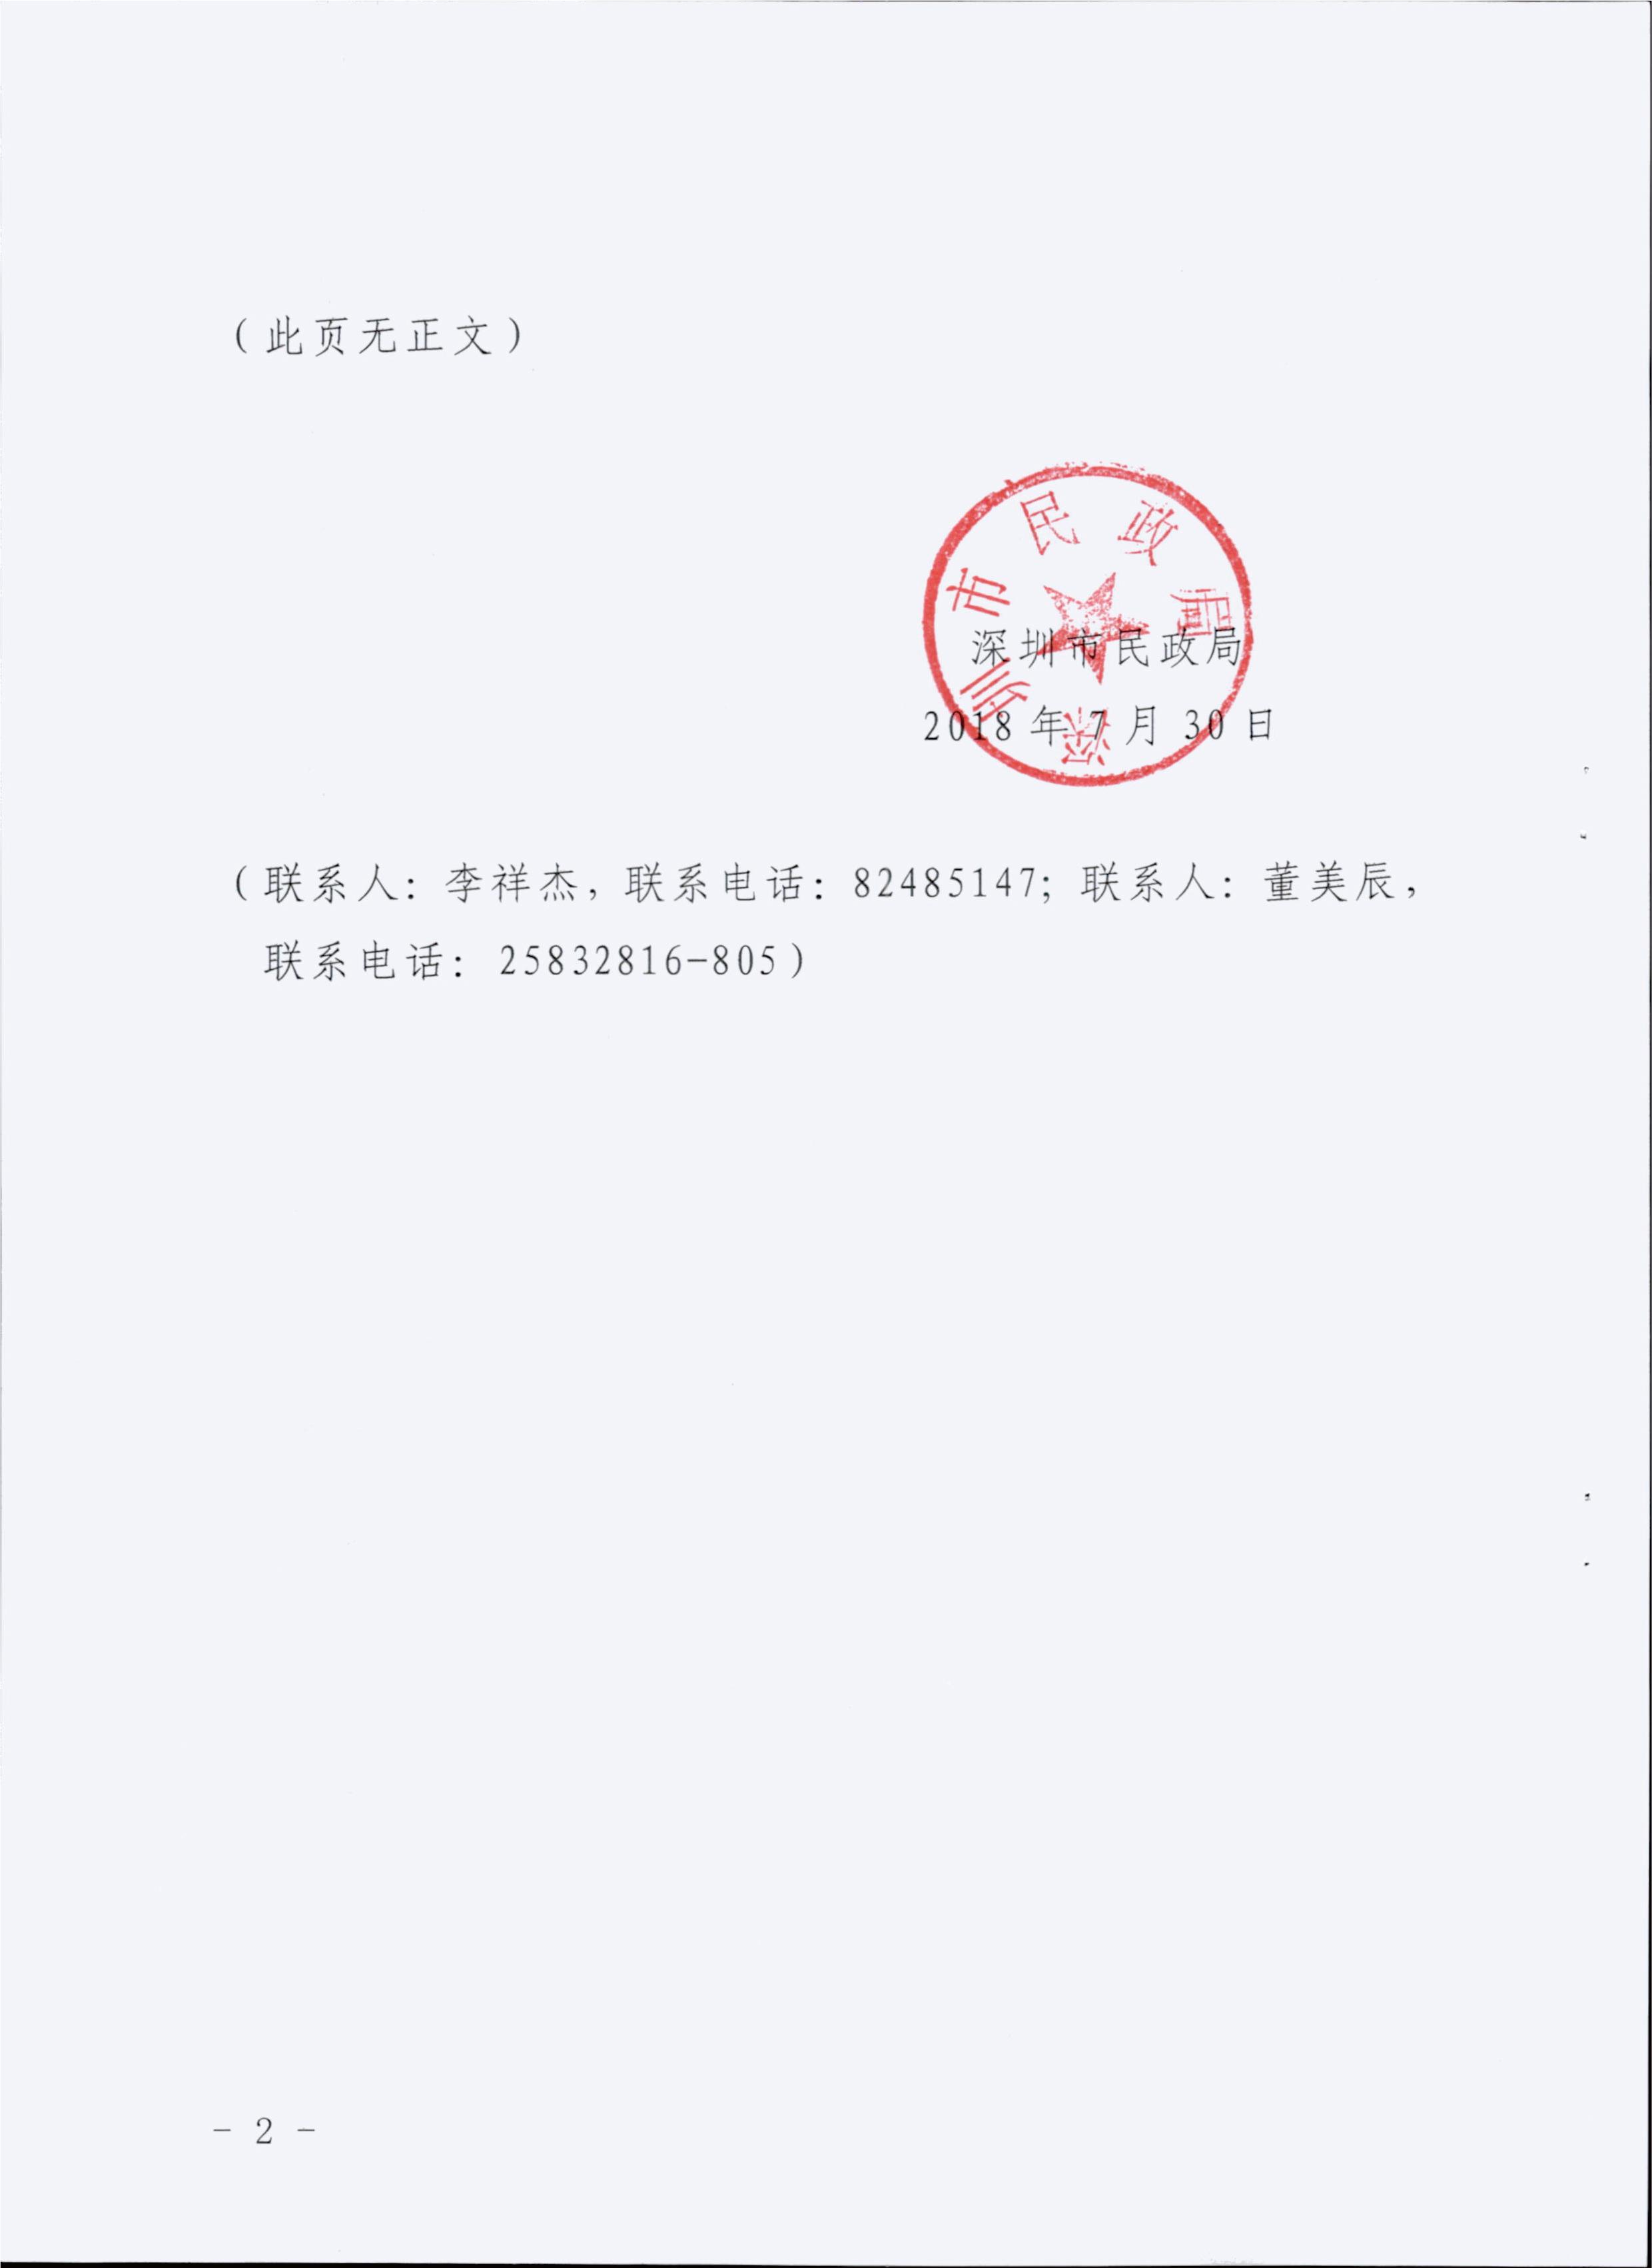 深圳市民政局关于公布2017年度深圳市社会工作服务机构绩效评估结果的通知